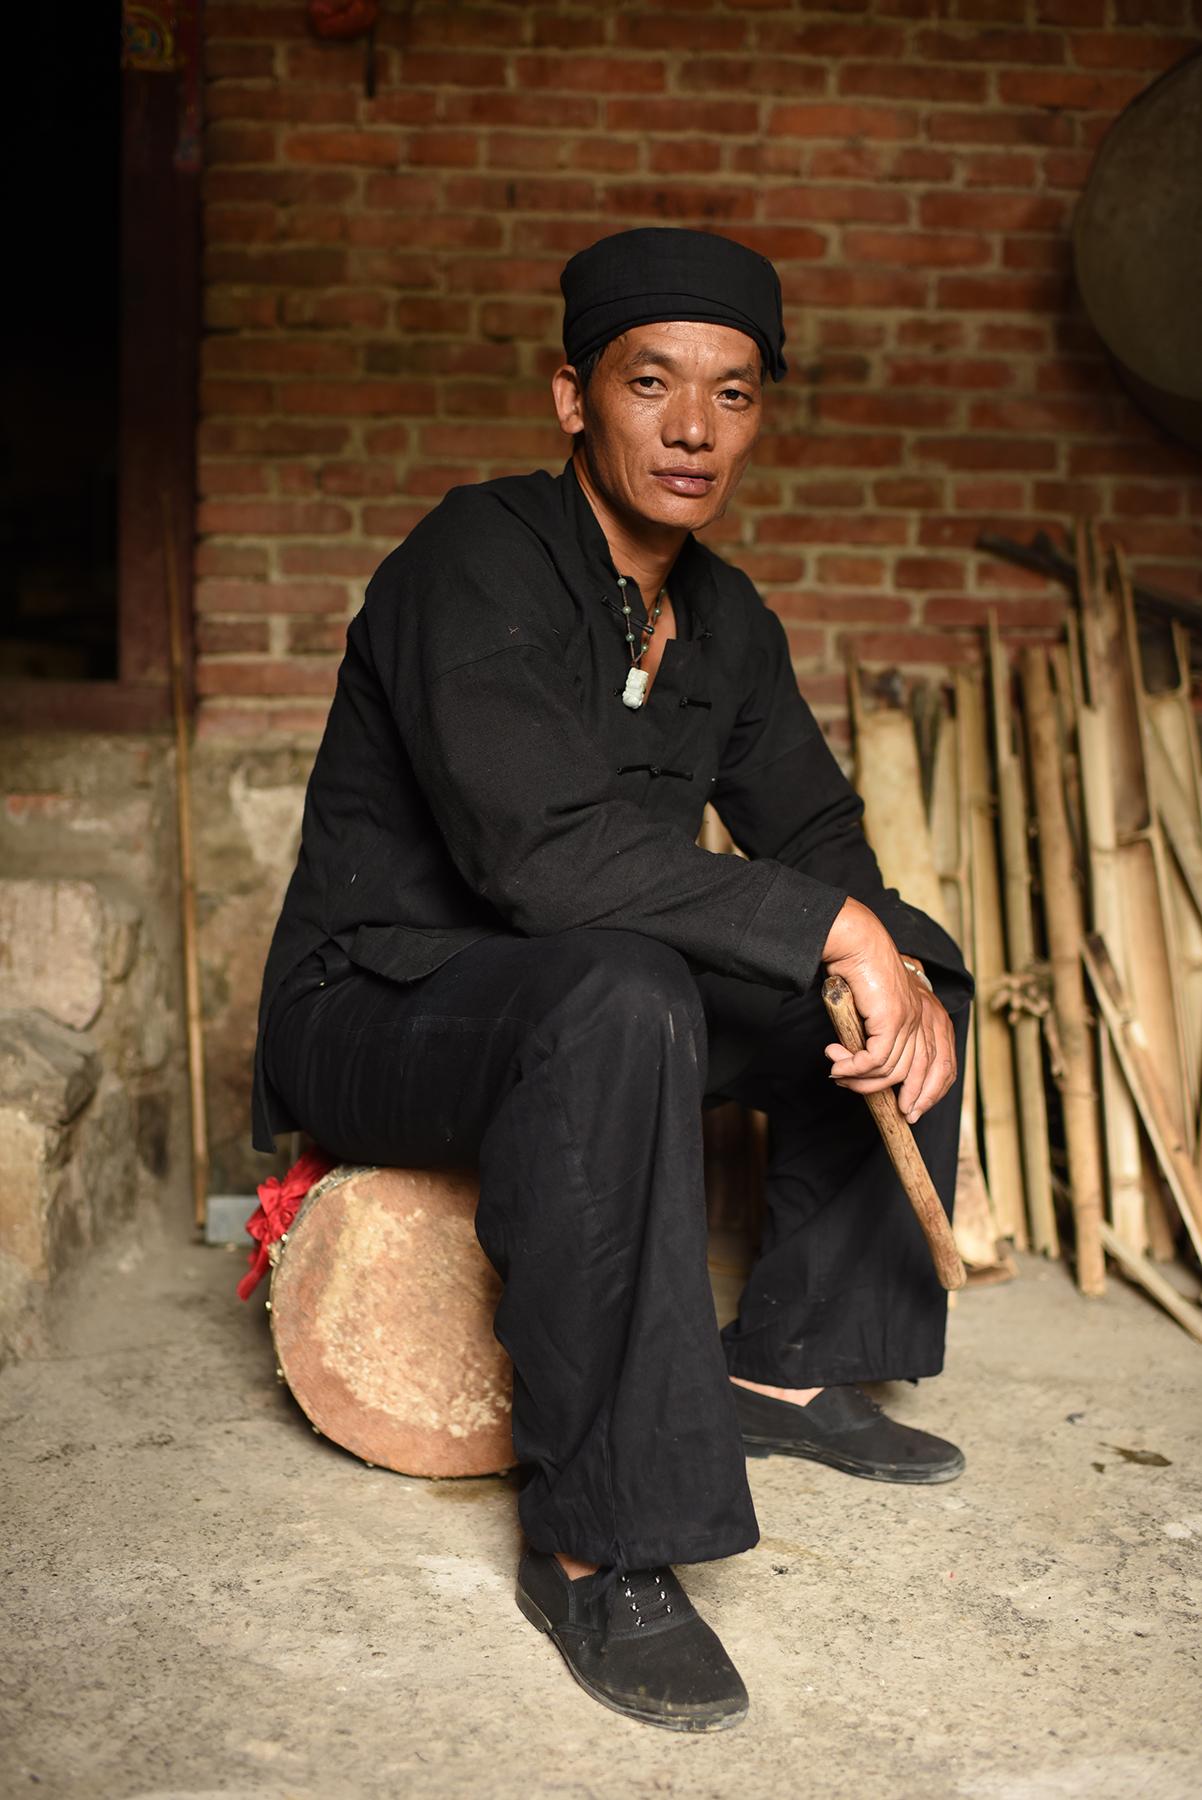 Inheritor of Mang Drum Dance Li Ke,Potuo village, Yunnan, 2017.